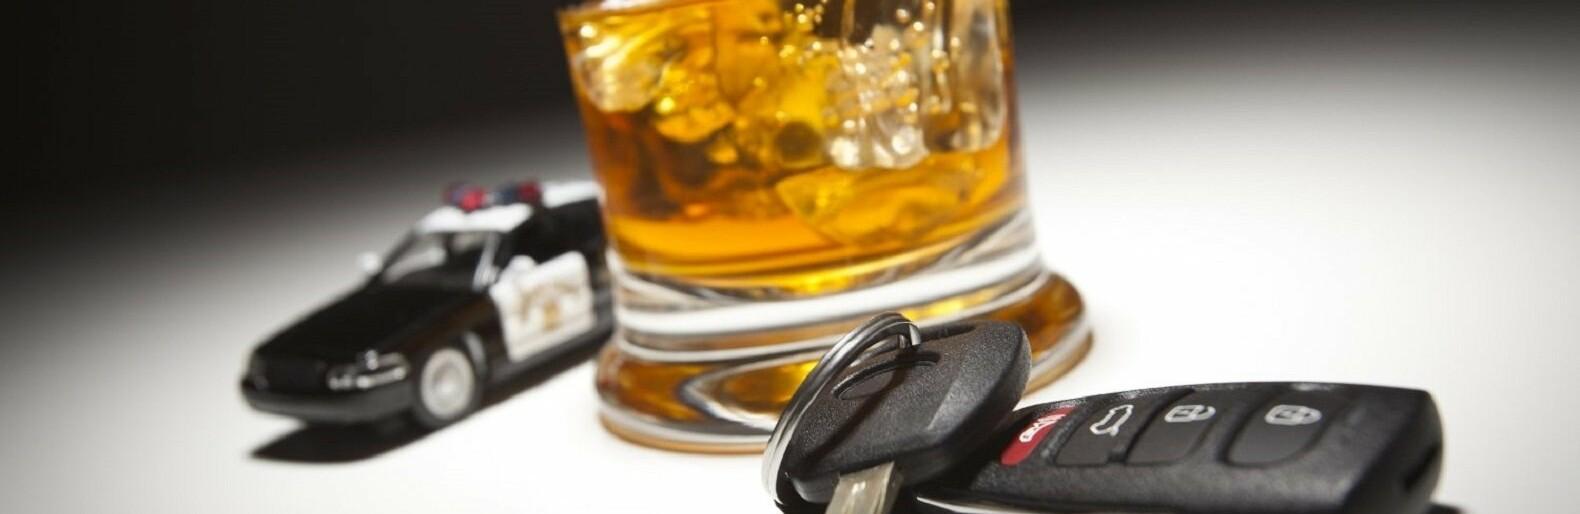 Наказание за повторное вождение в нетрезвом виде в 2021